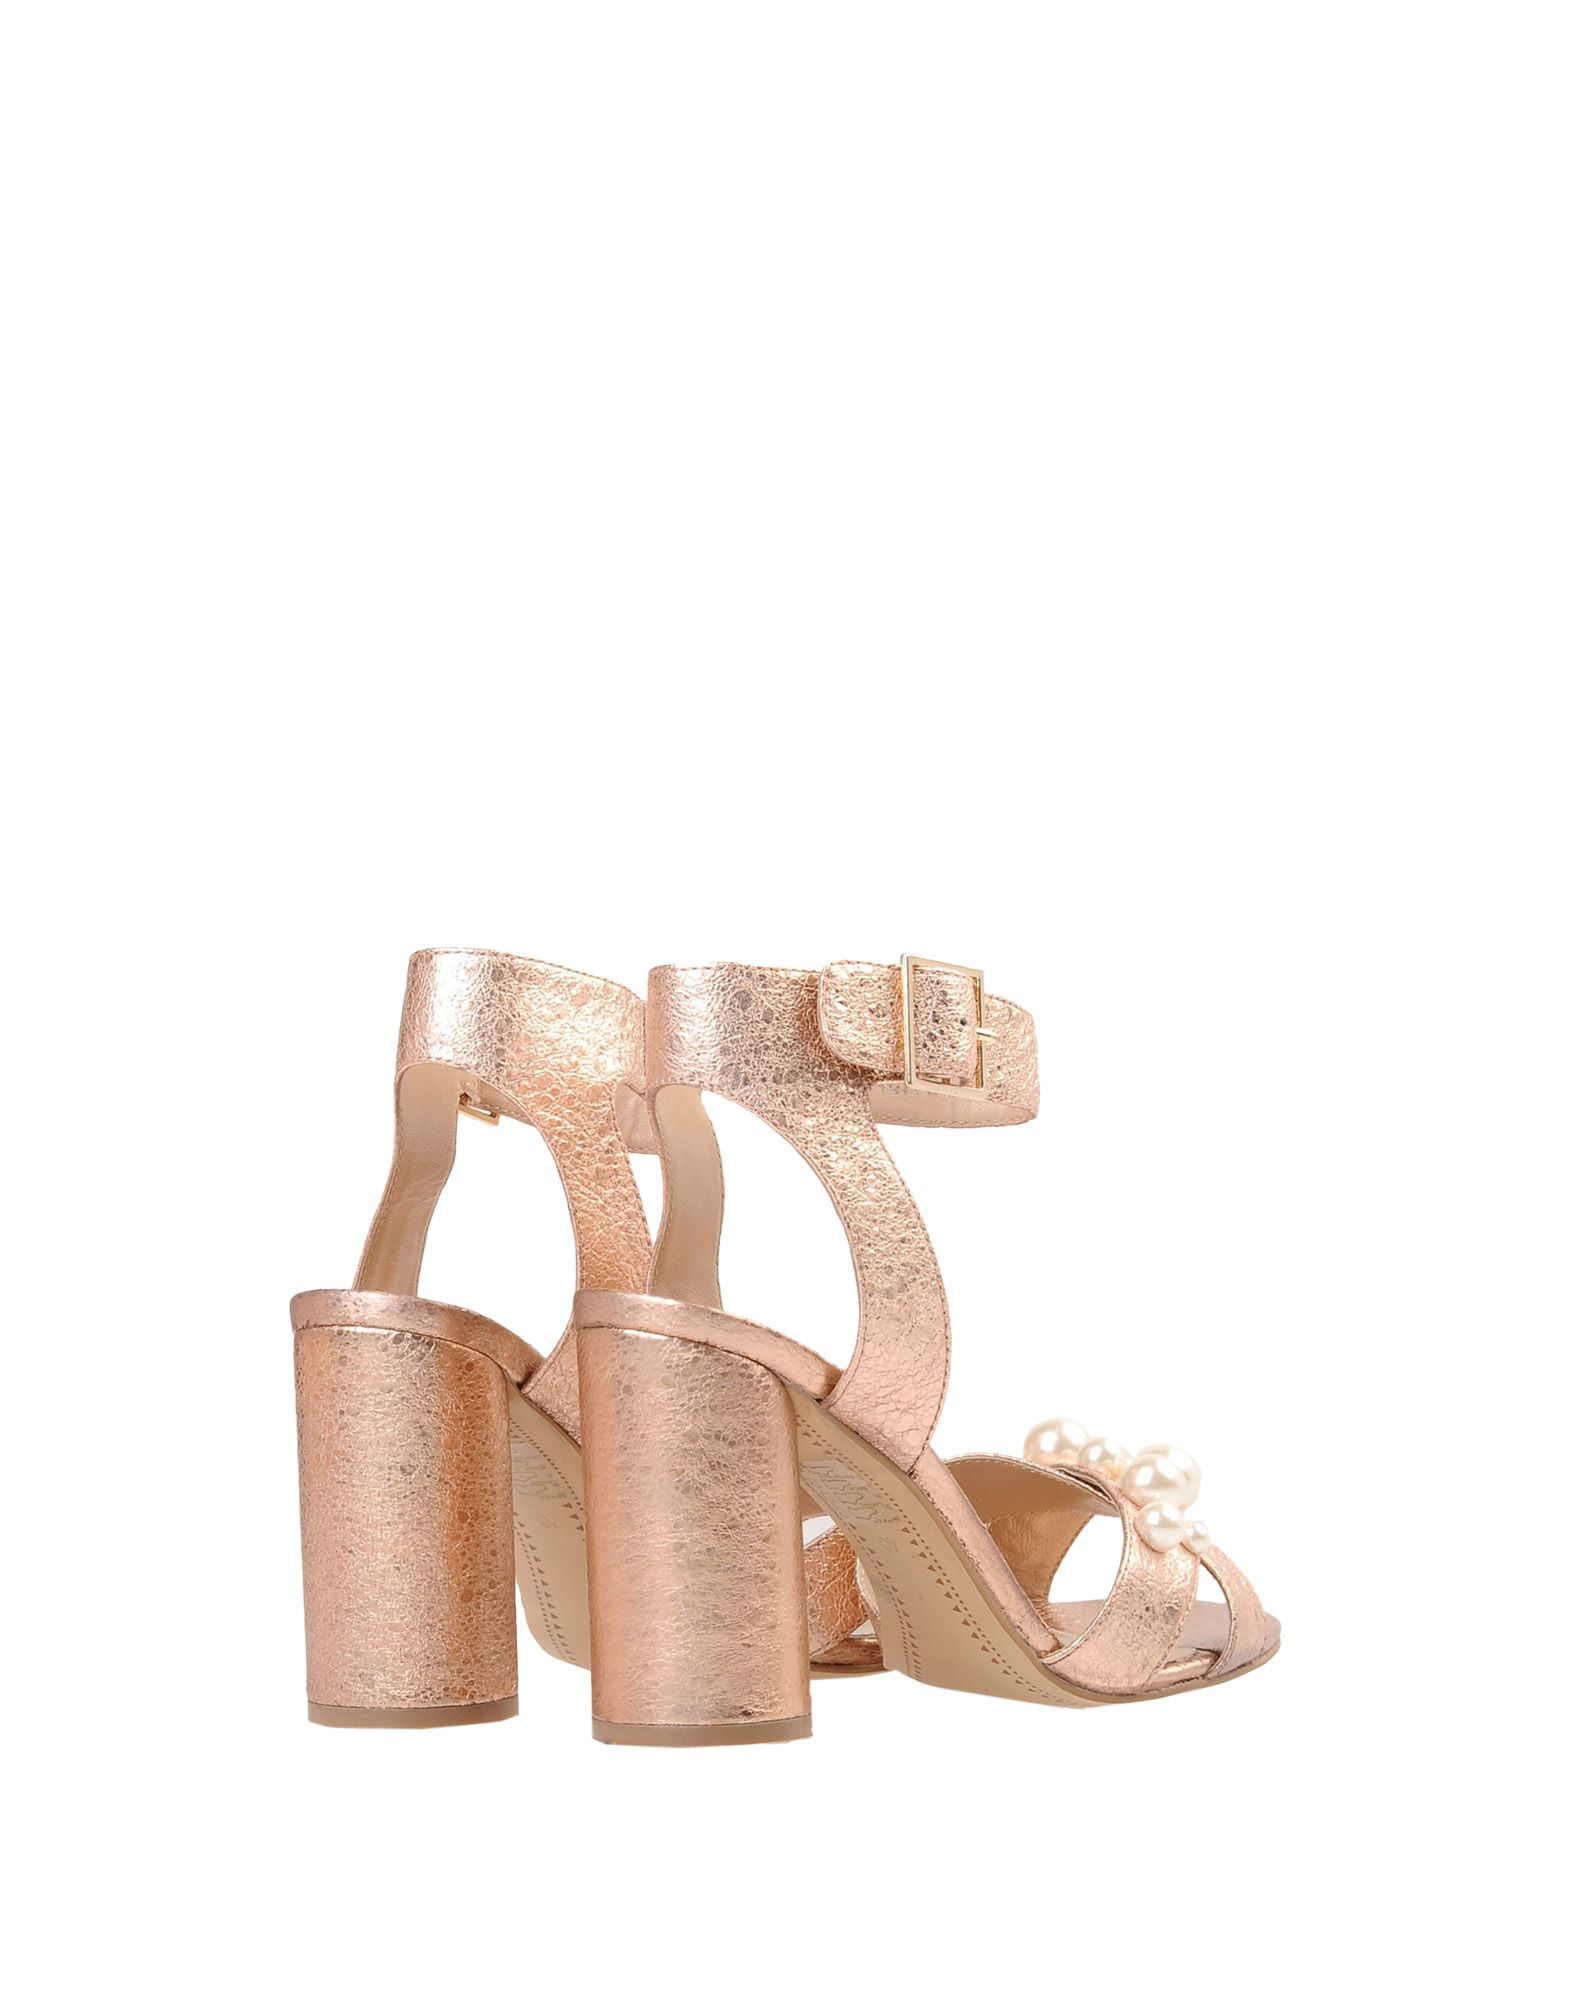 Bruno Premi Schuhe Sandalen Damen  11463760EB Gute Qualität beliebte Schuhe Premi 685a5a